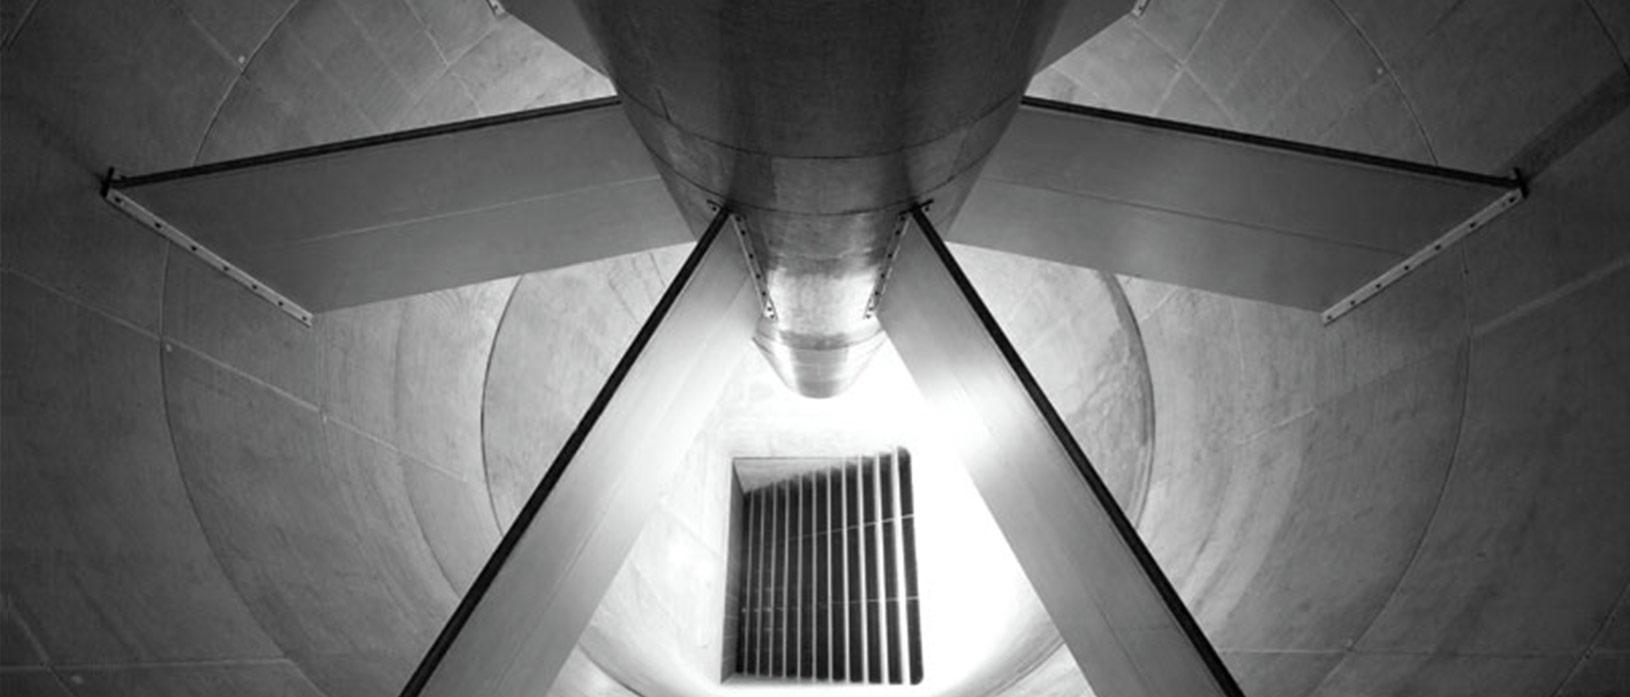 inside a wind tunnel